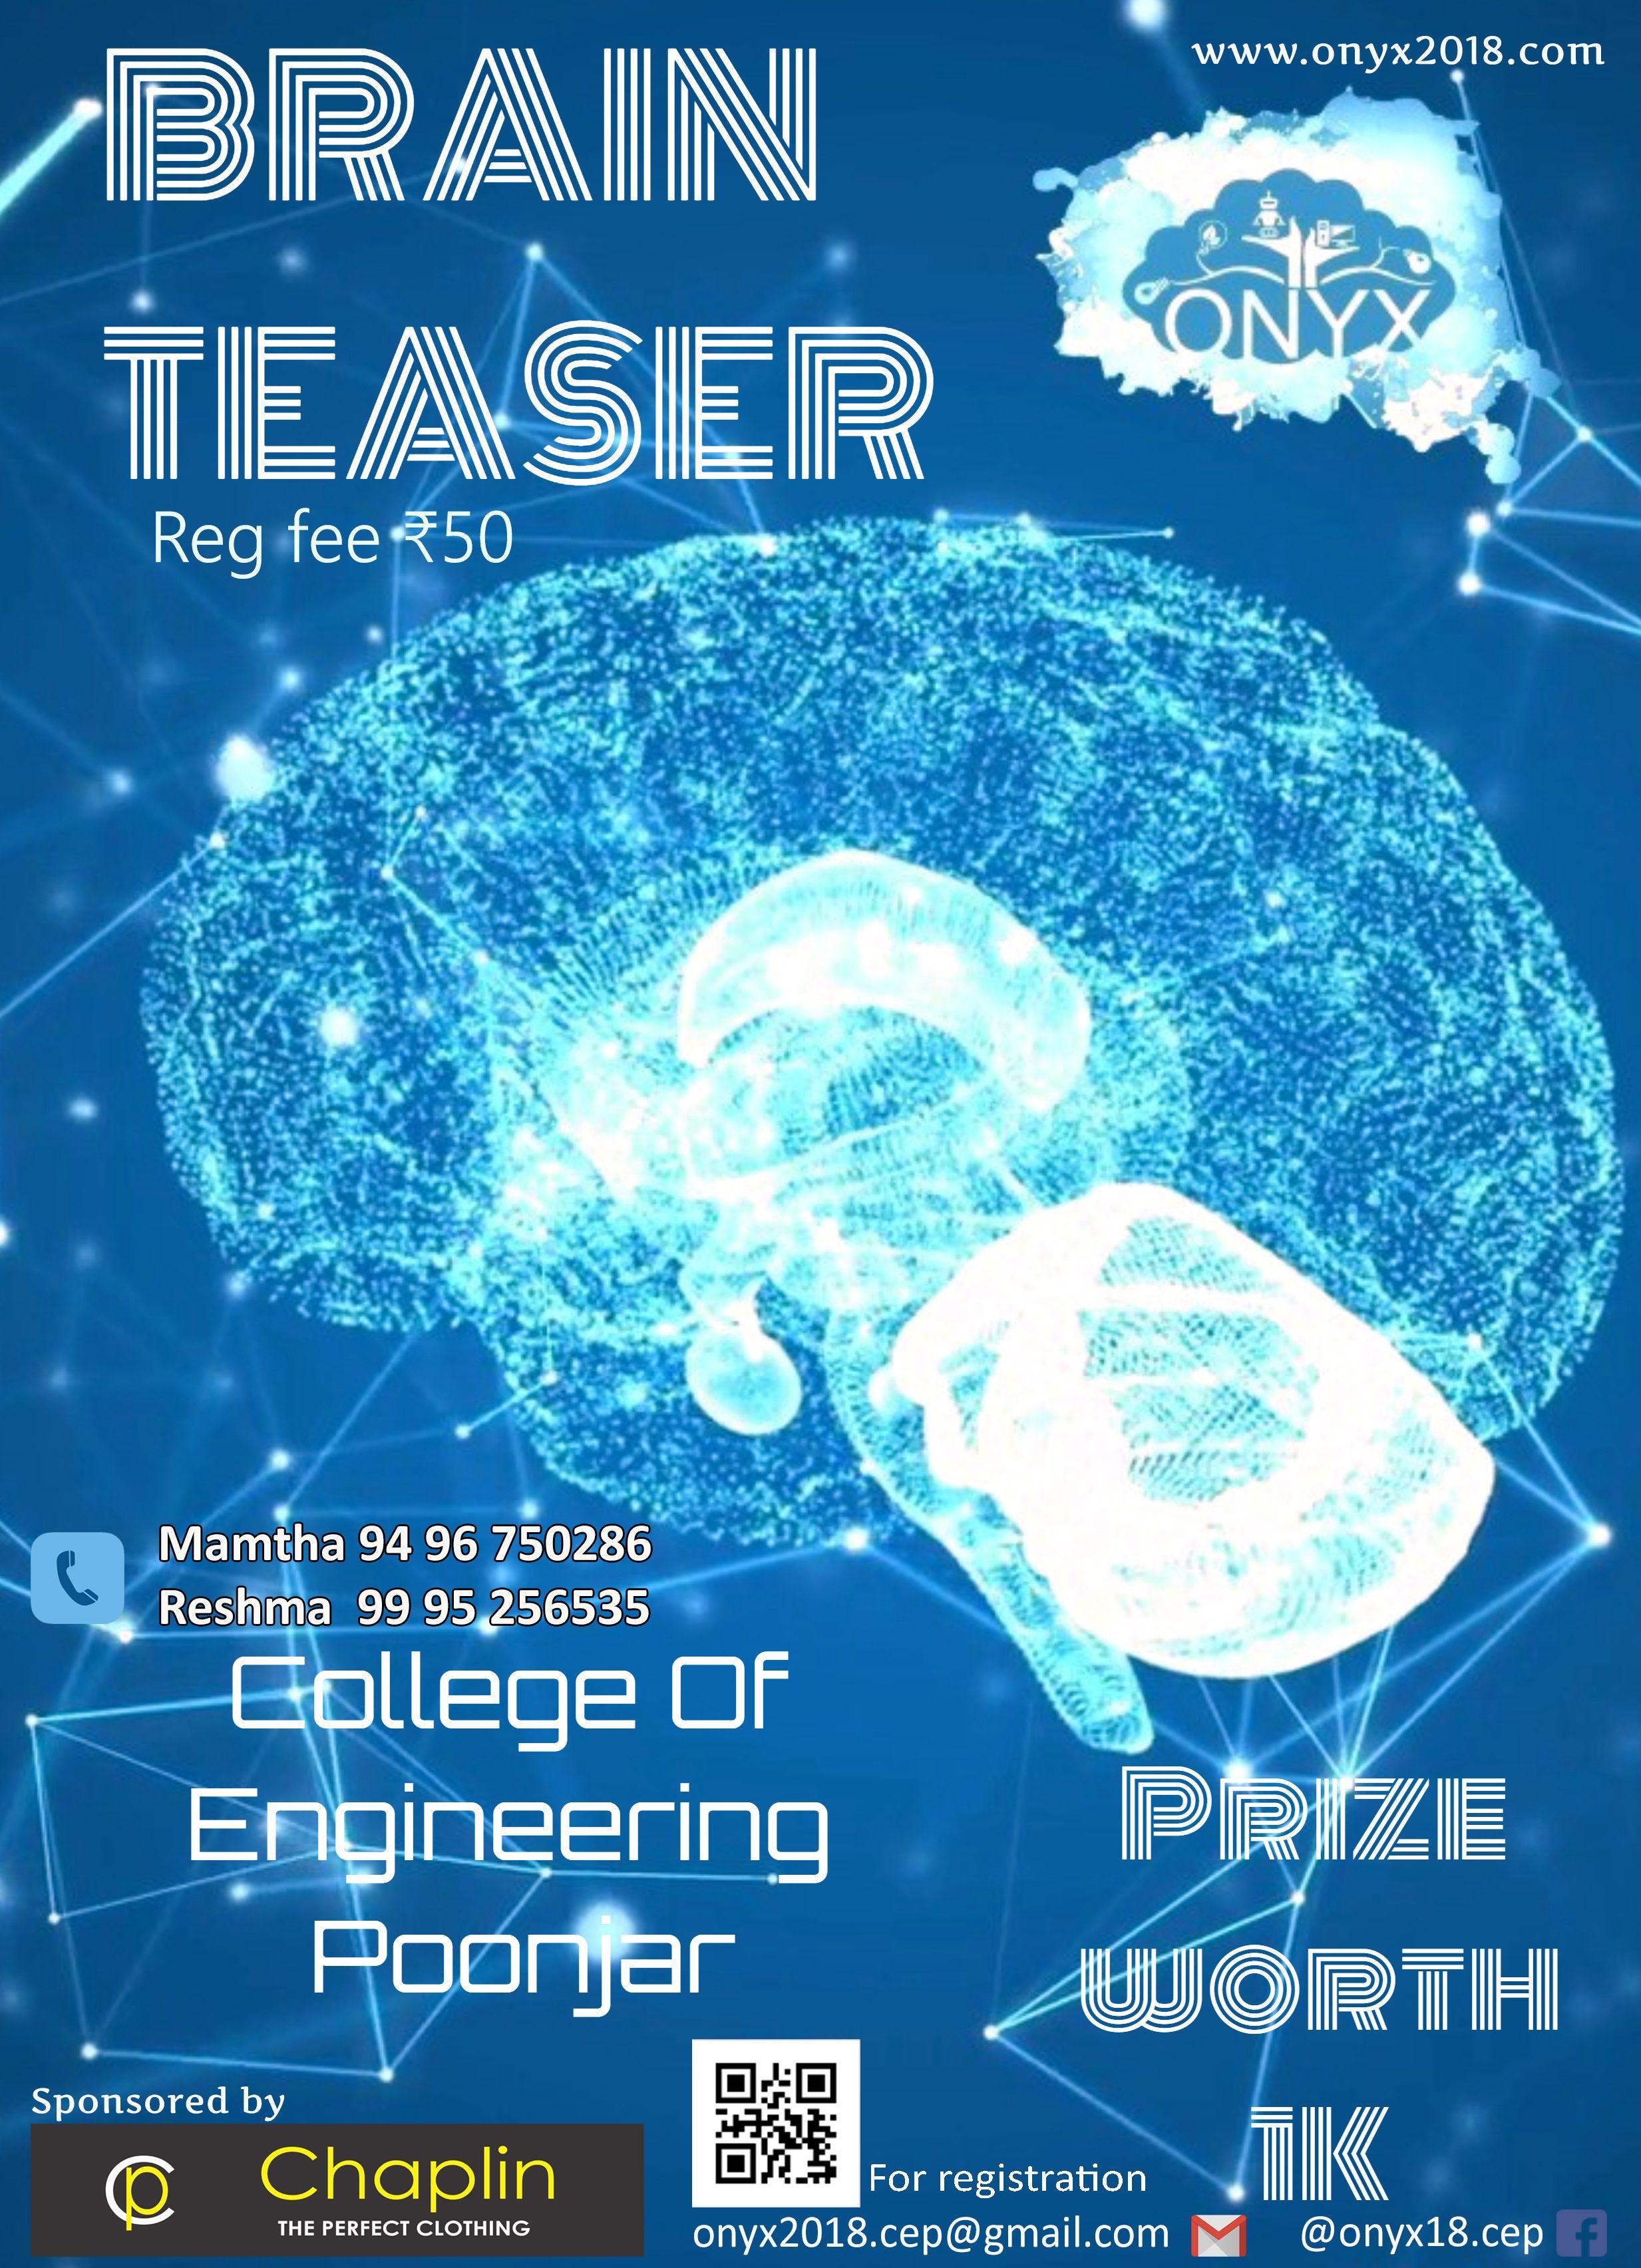 poster-brain-teaser-1-2466x3409